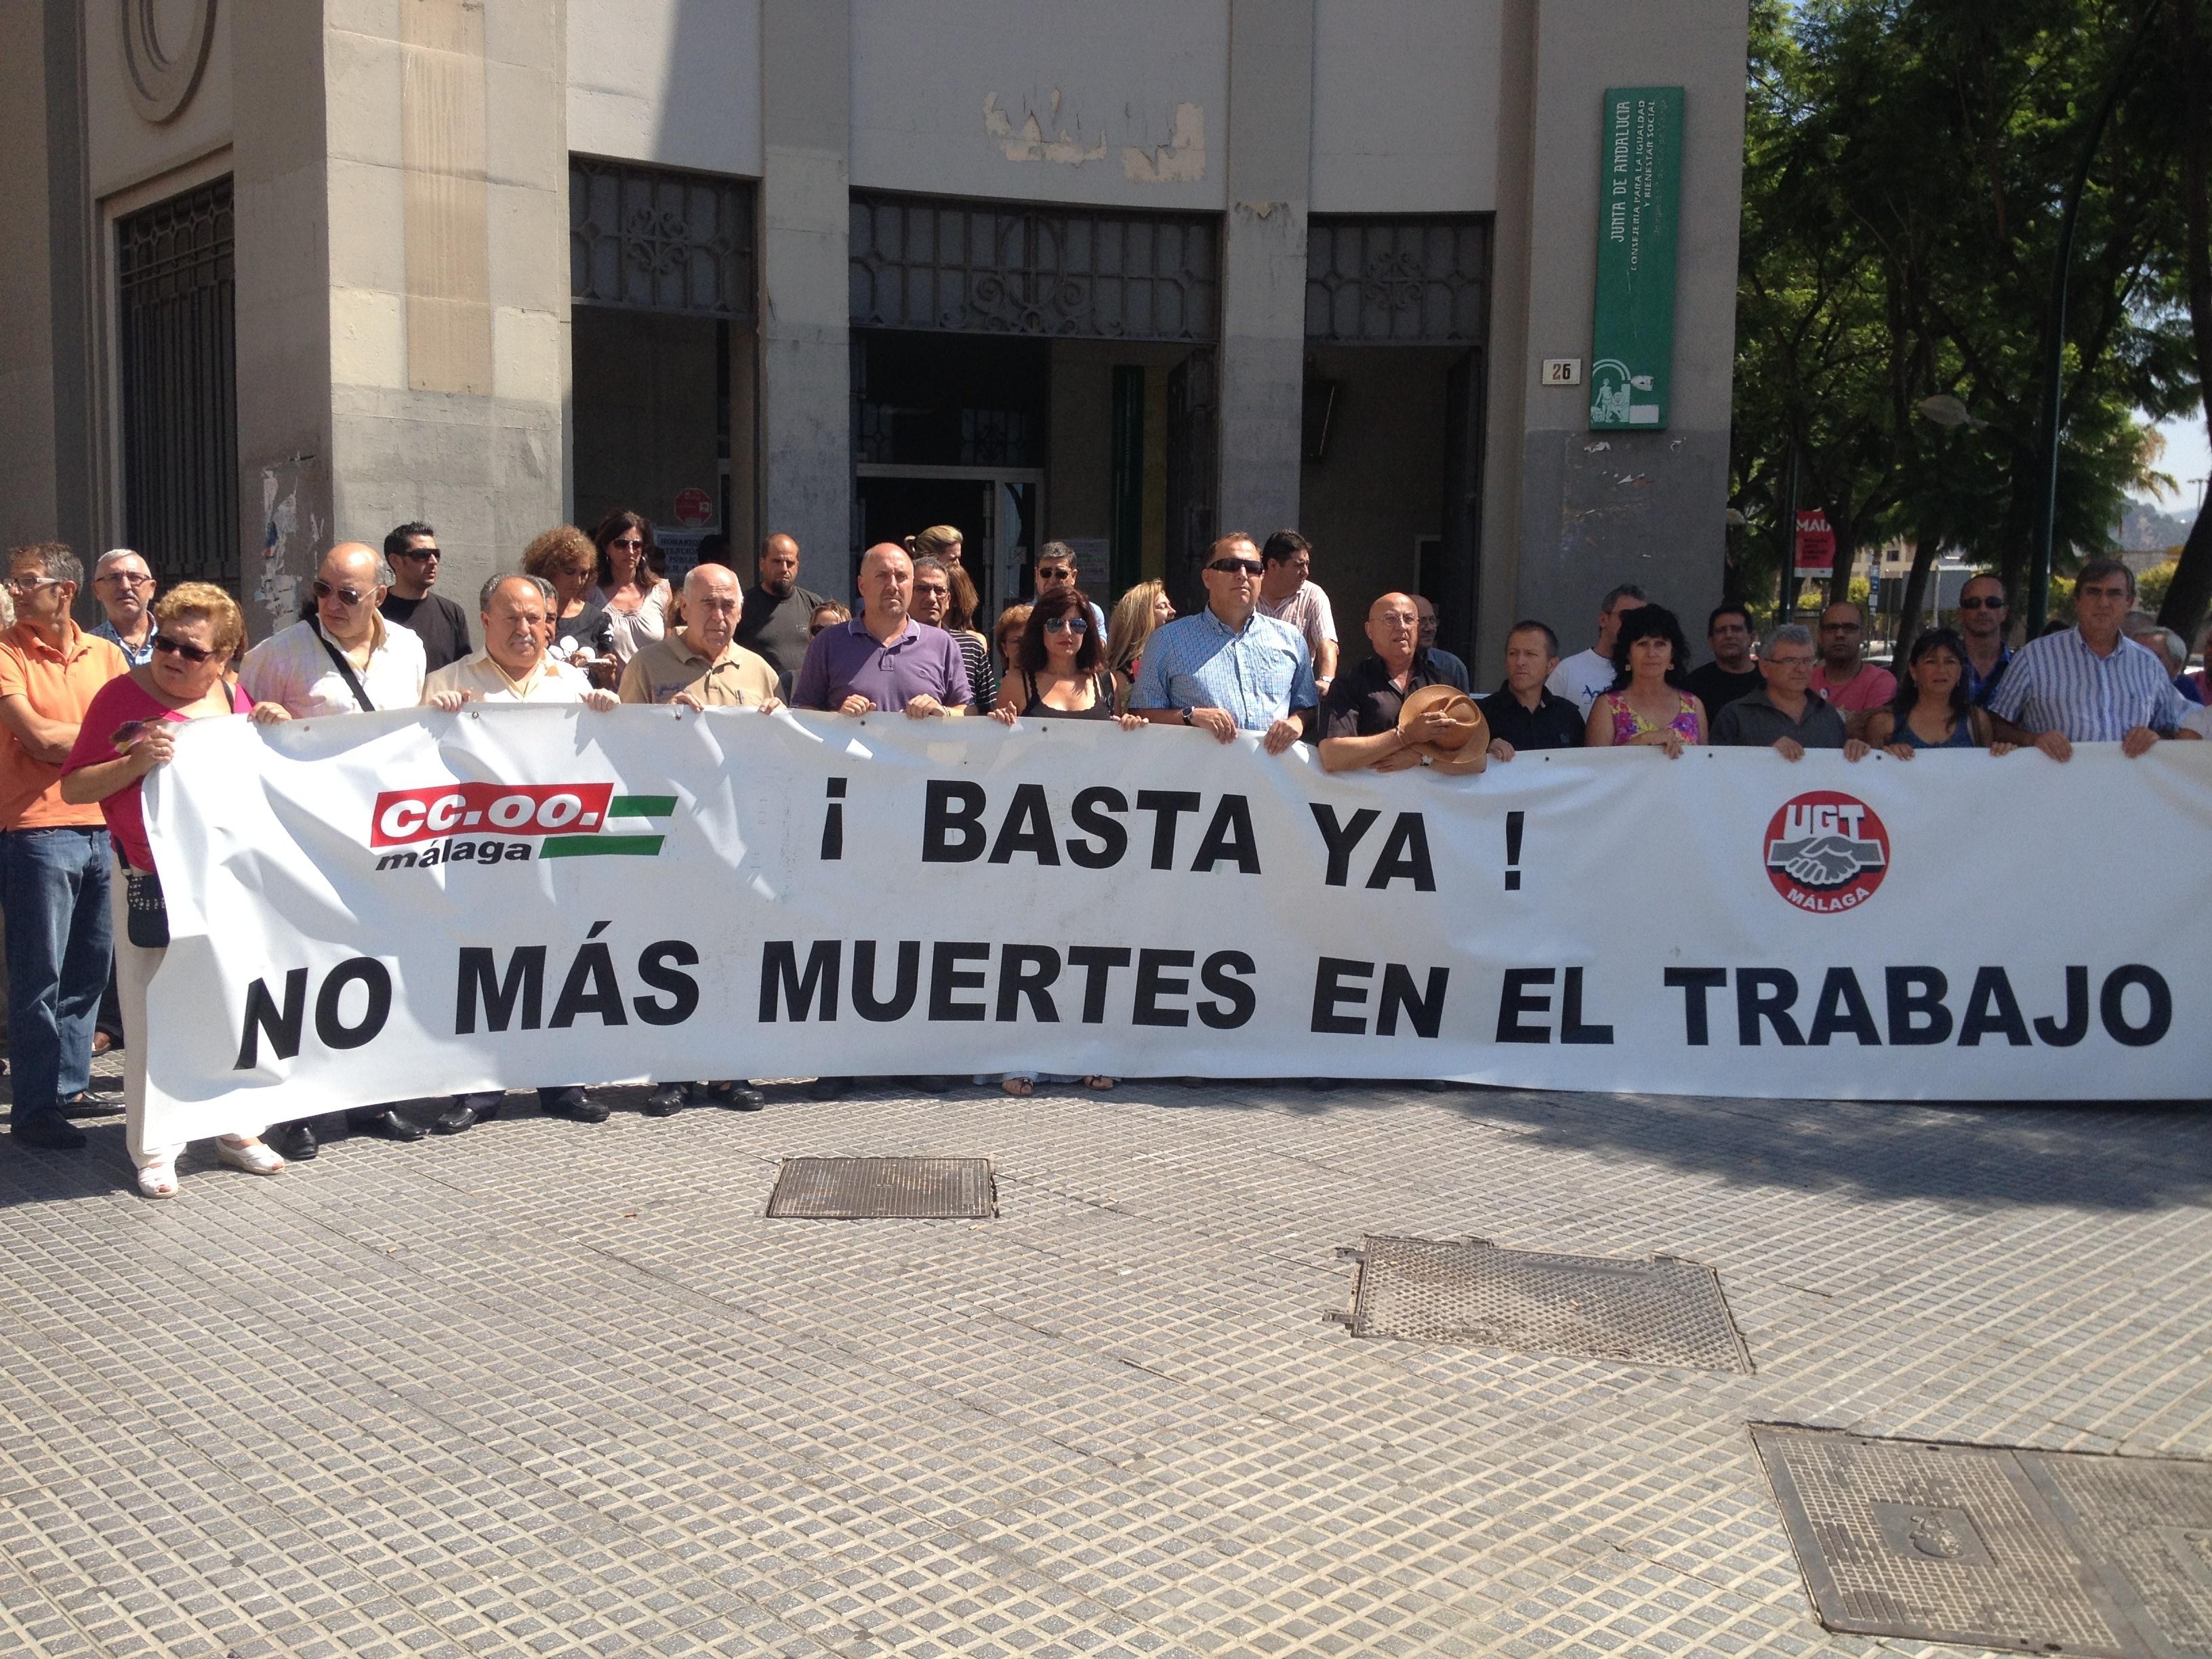 CCOO y UGT se concentran en protesta por el accidente laboral mortal en Antequera y exigen más vigilancia